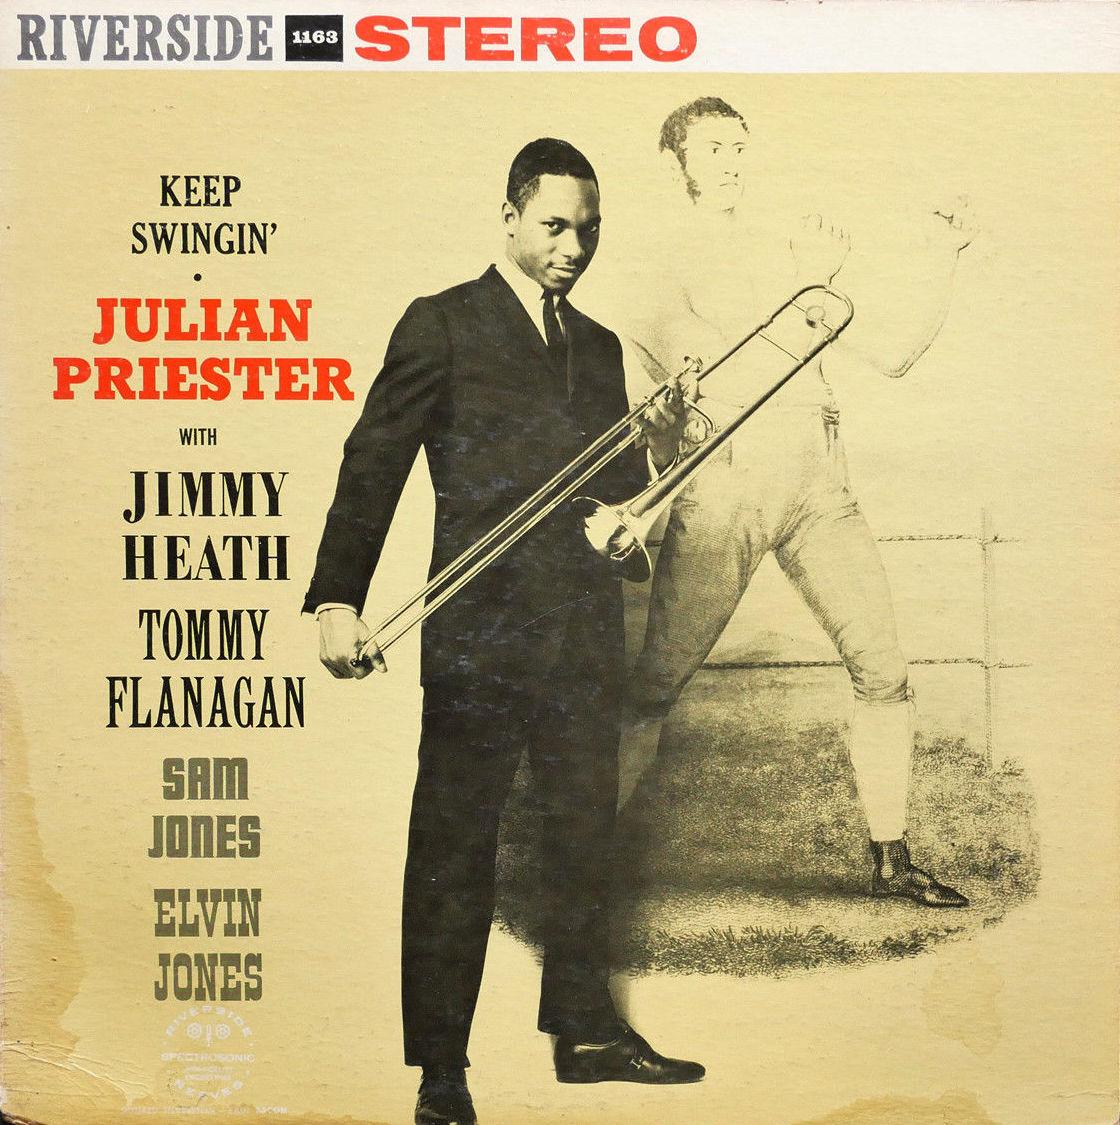 Julian Priester - Keep Swinging